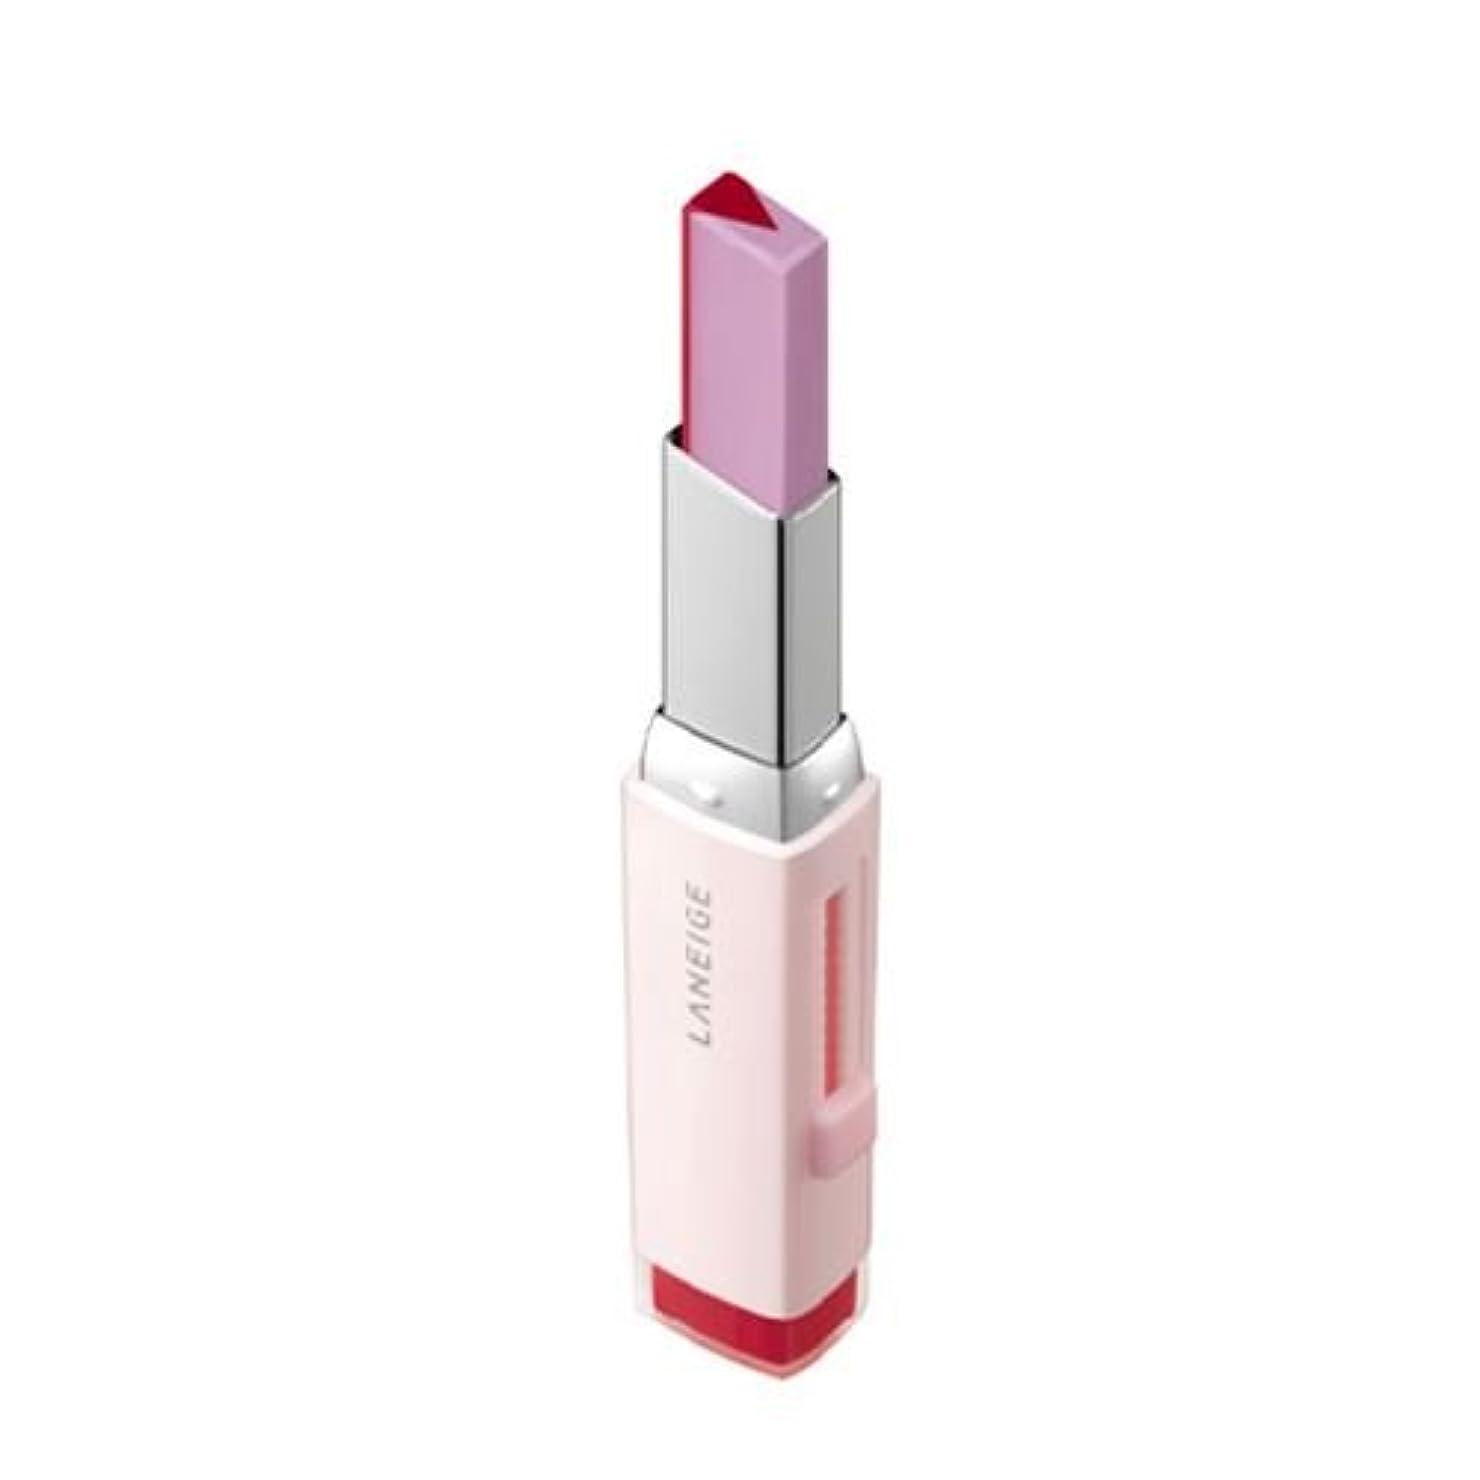 ピンクロマンチック新年[New] LANEIGE Two Tone Tint Lip Bar 2g/ラネージュ ツー トーン ティント リップ バー 2g (#07 Lollipop Red) [並行輸入品]